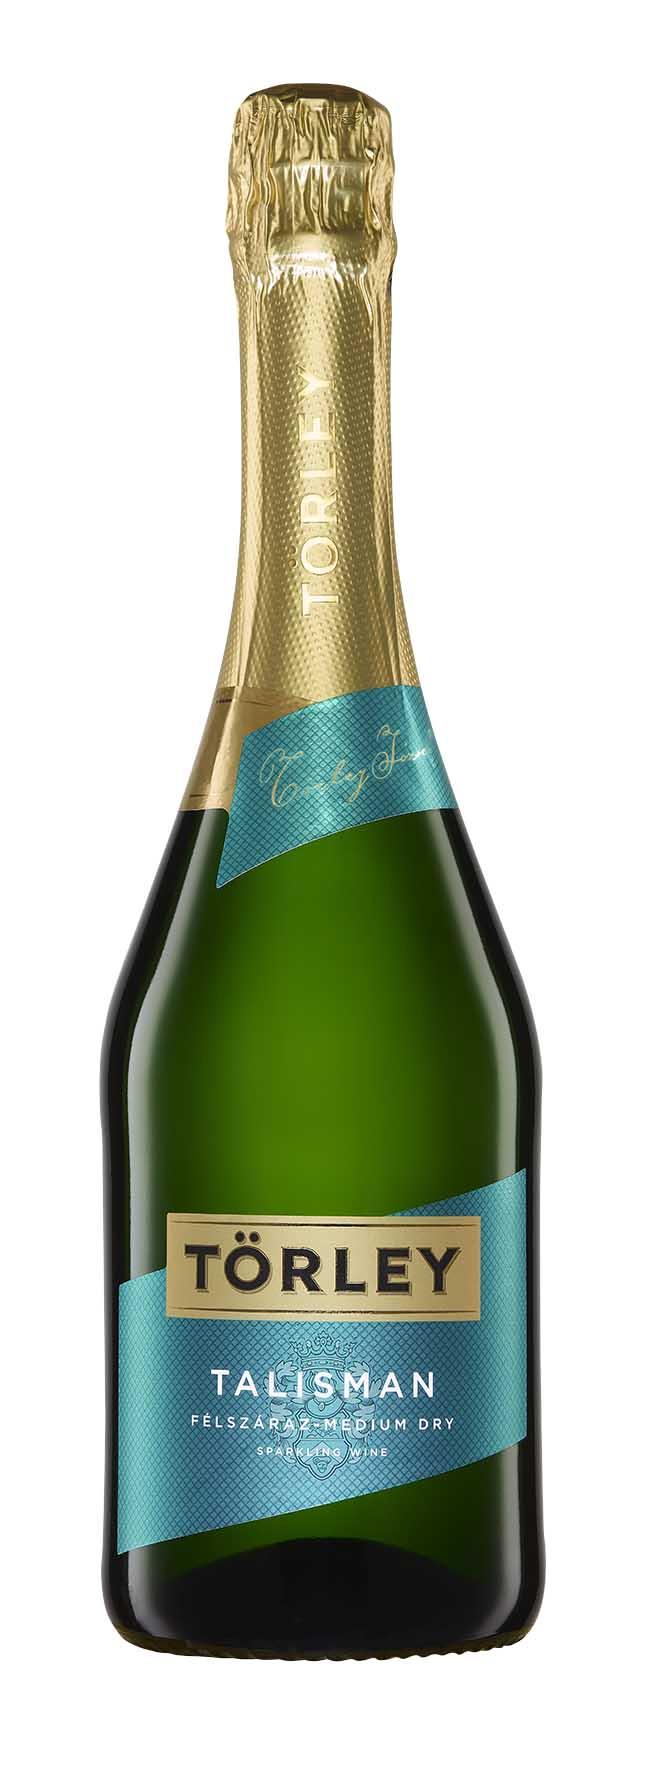 Törley Talisman - polosladké šumivé víno Törley Talisman Demi Sec Félszáraz Pezsgő